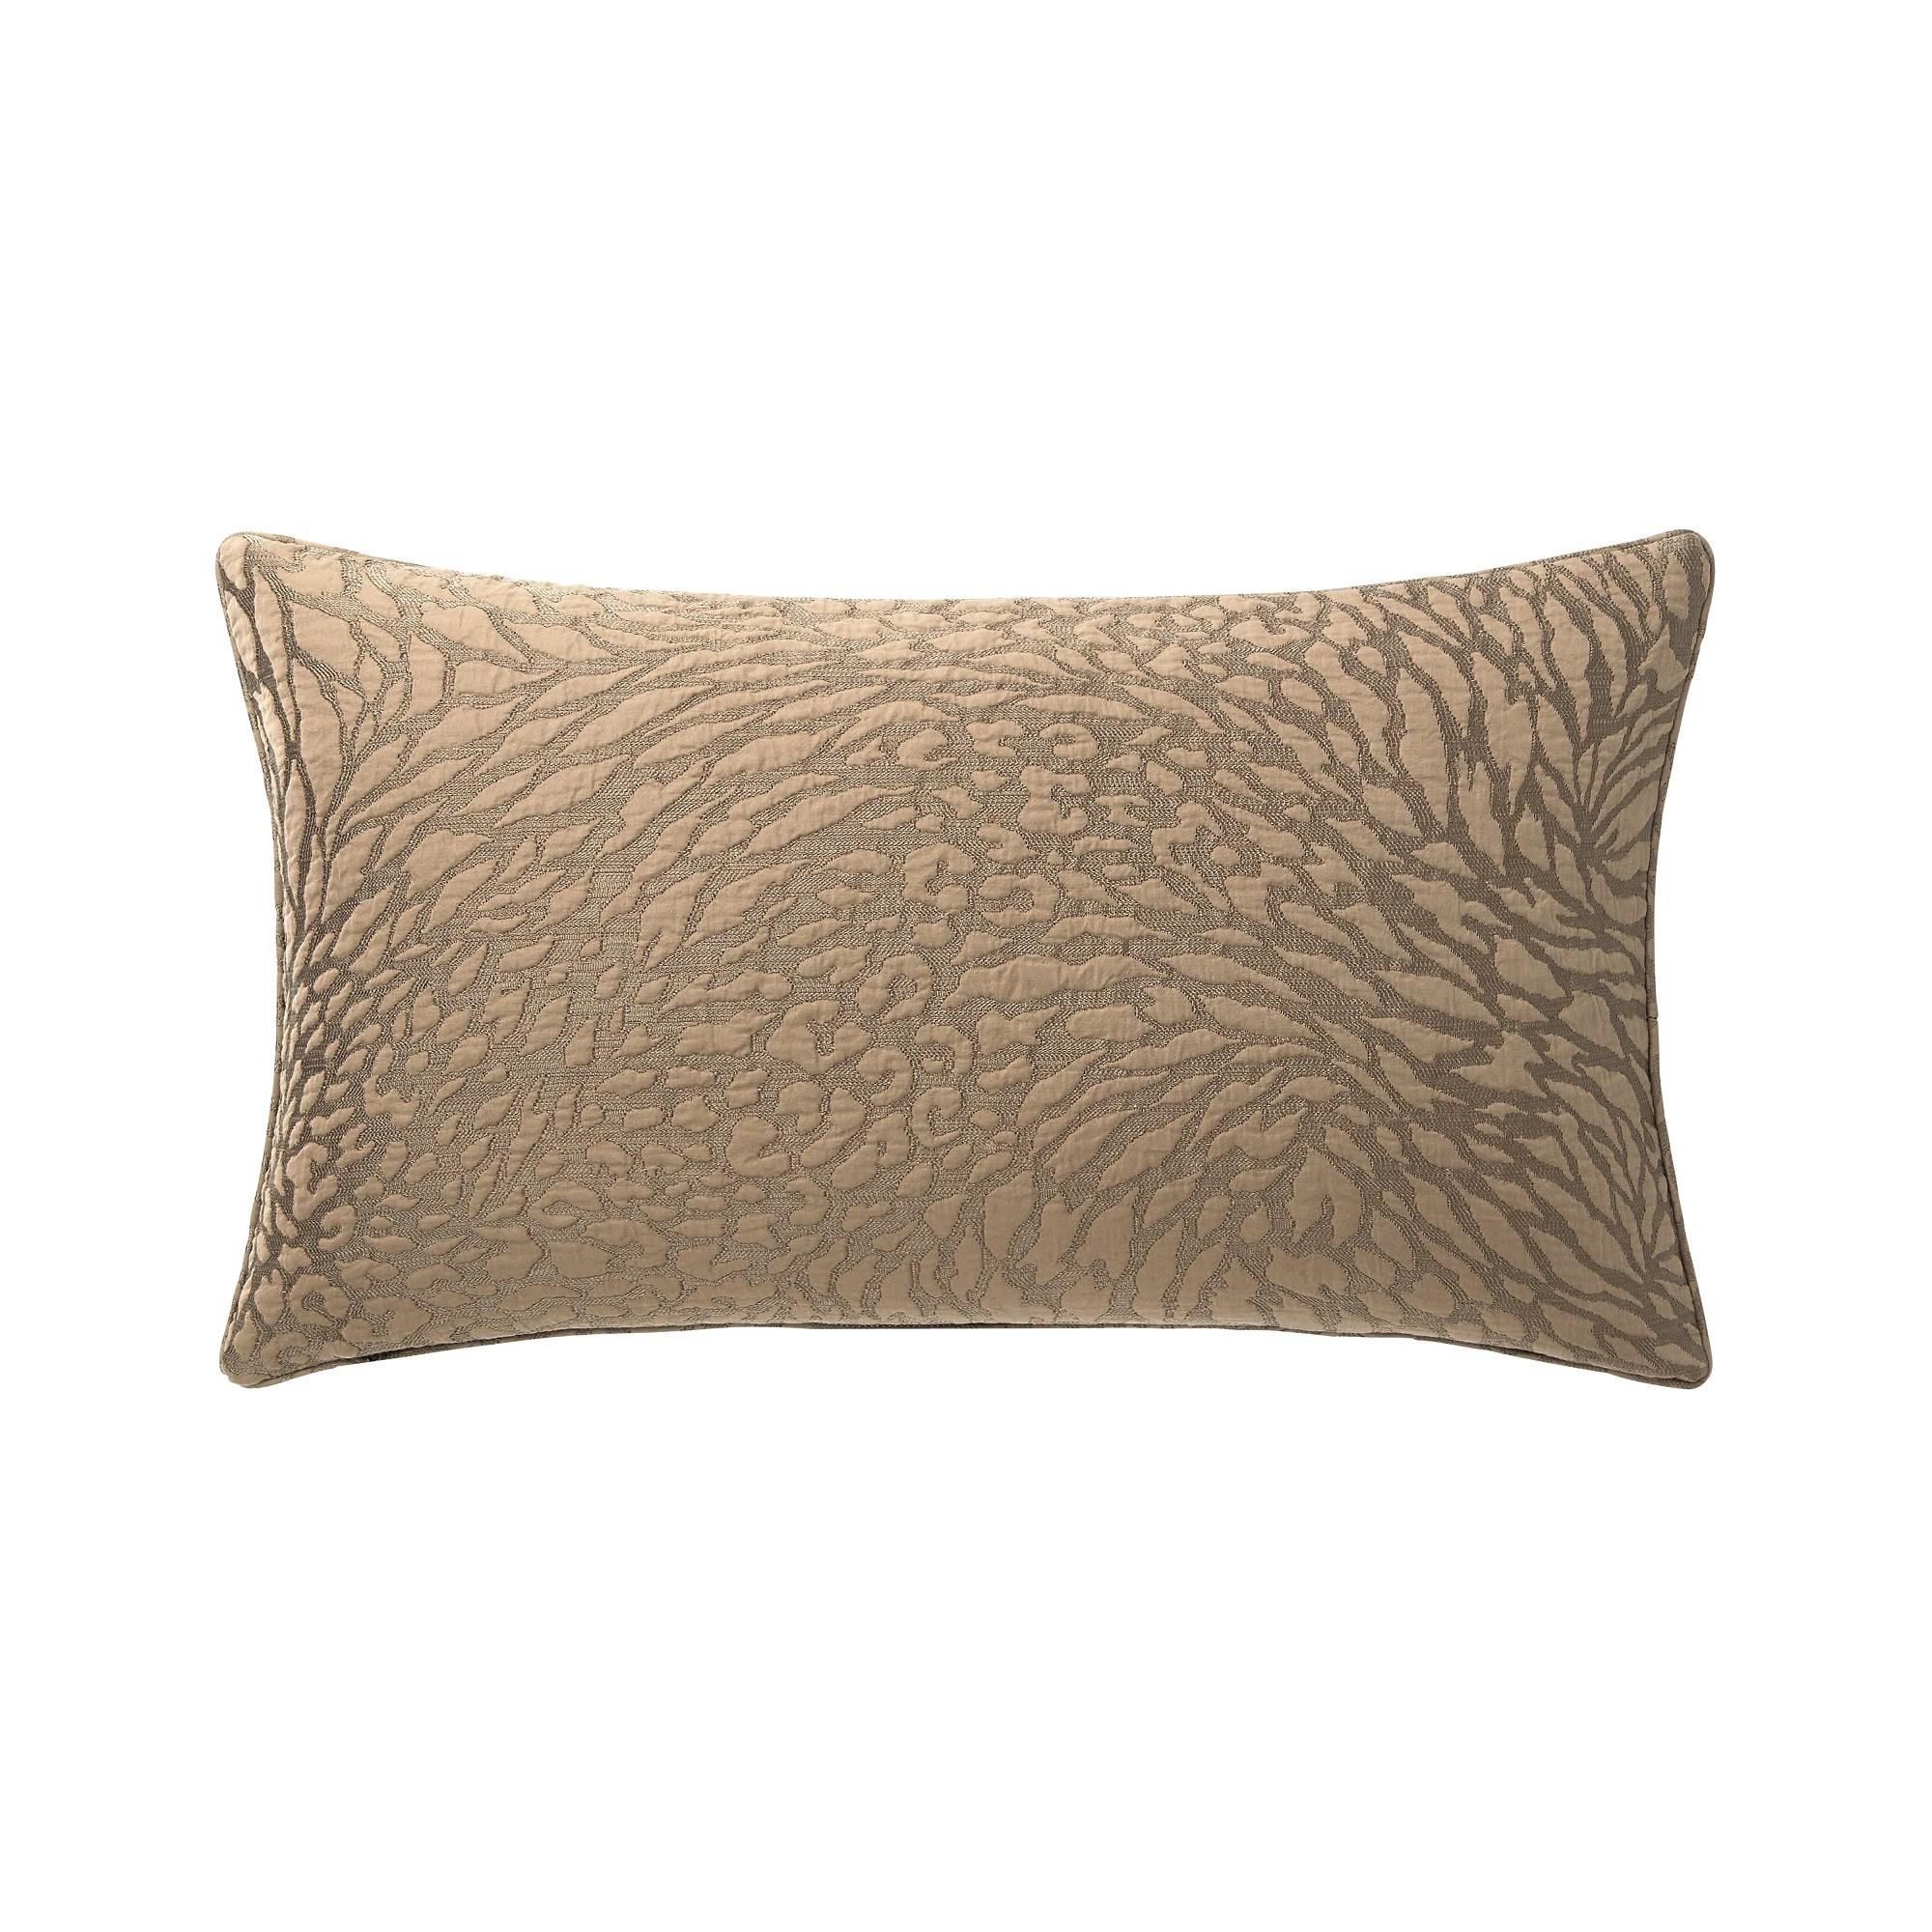 SOUVENIR Cushion Cover